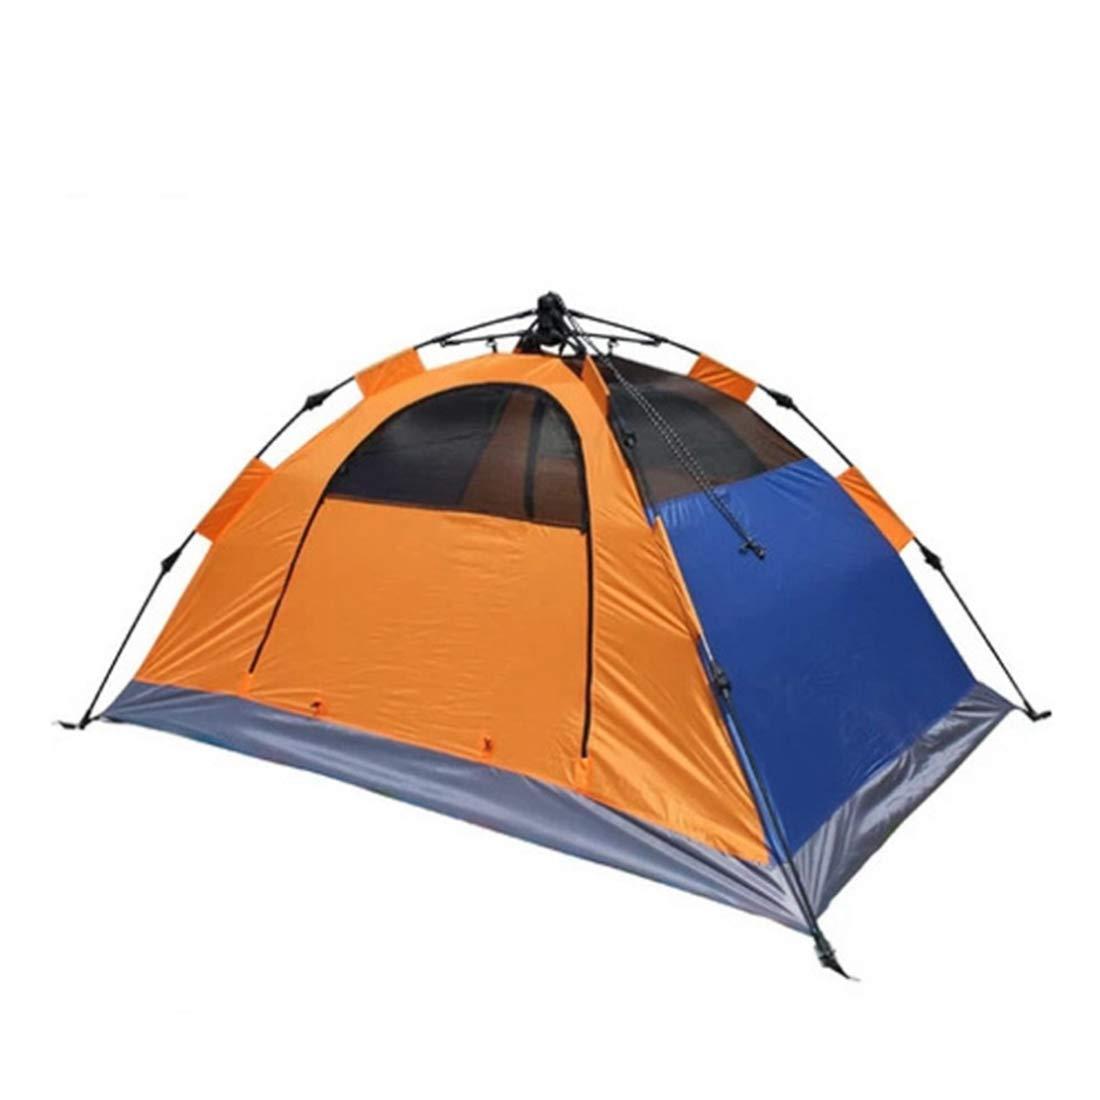 Igspfbjn Zelt Zelt Igspfbjn mit 2 Personen, wildes kampierendes automatisches Zelt (Farbe : Orange) 330b82